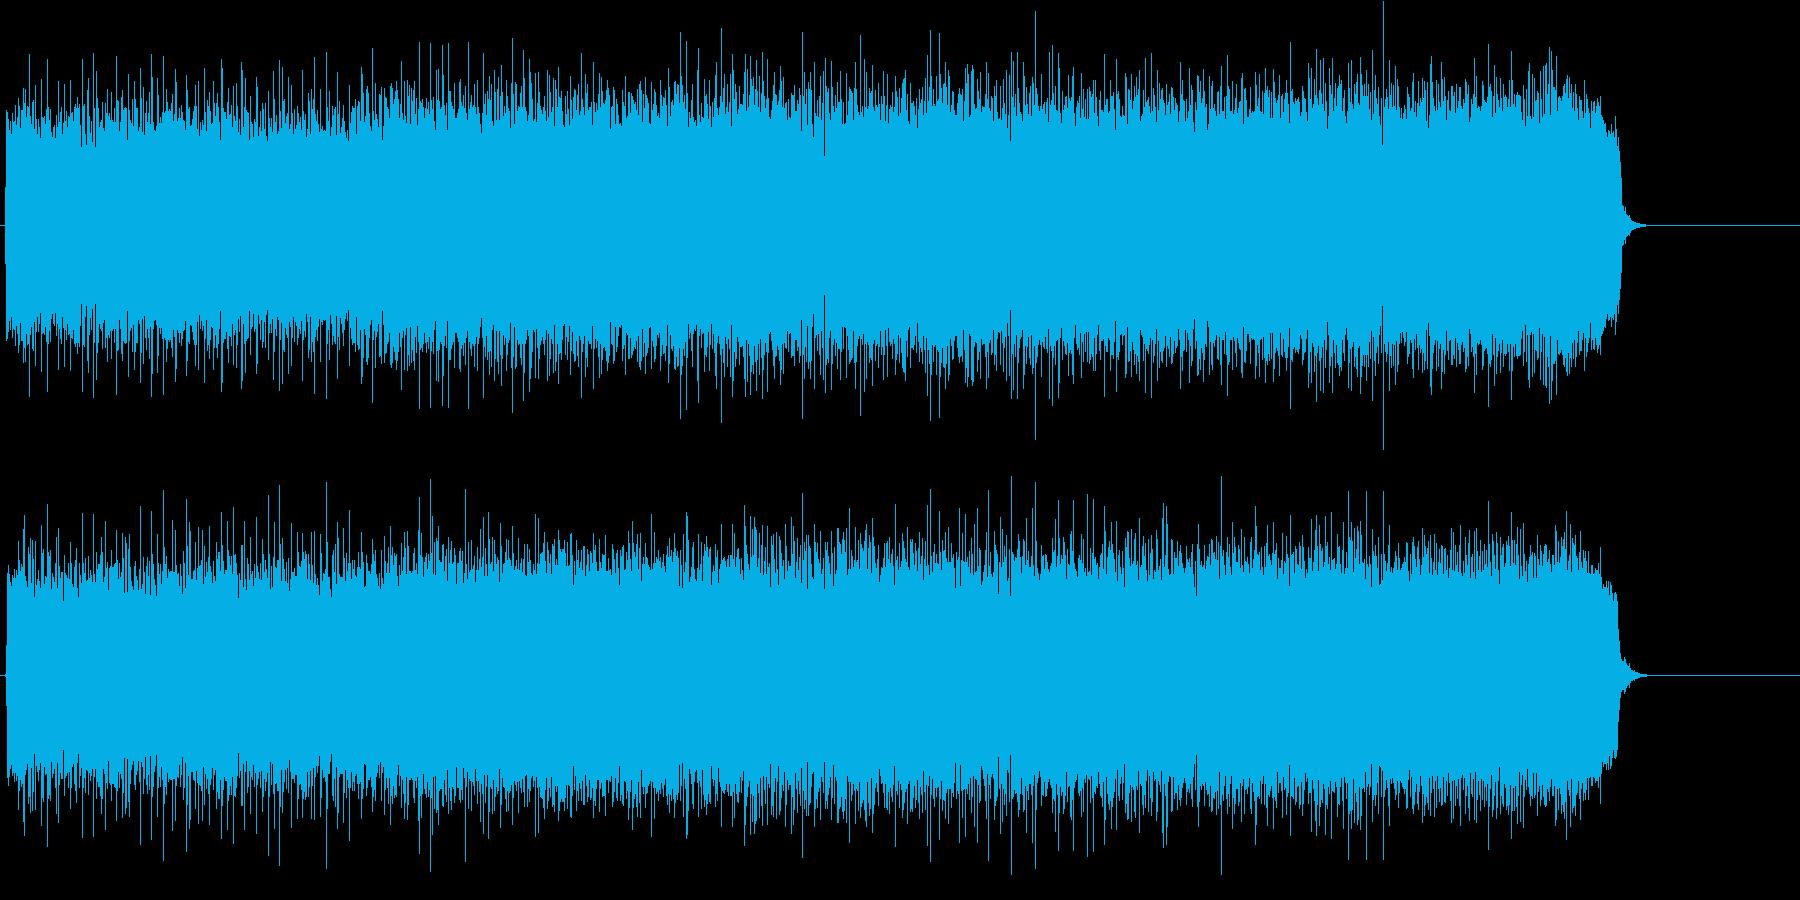 疾走感溢れるマイナー・ヘヴィ・ロックの再生済みの波形